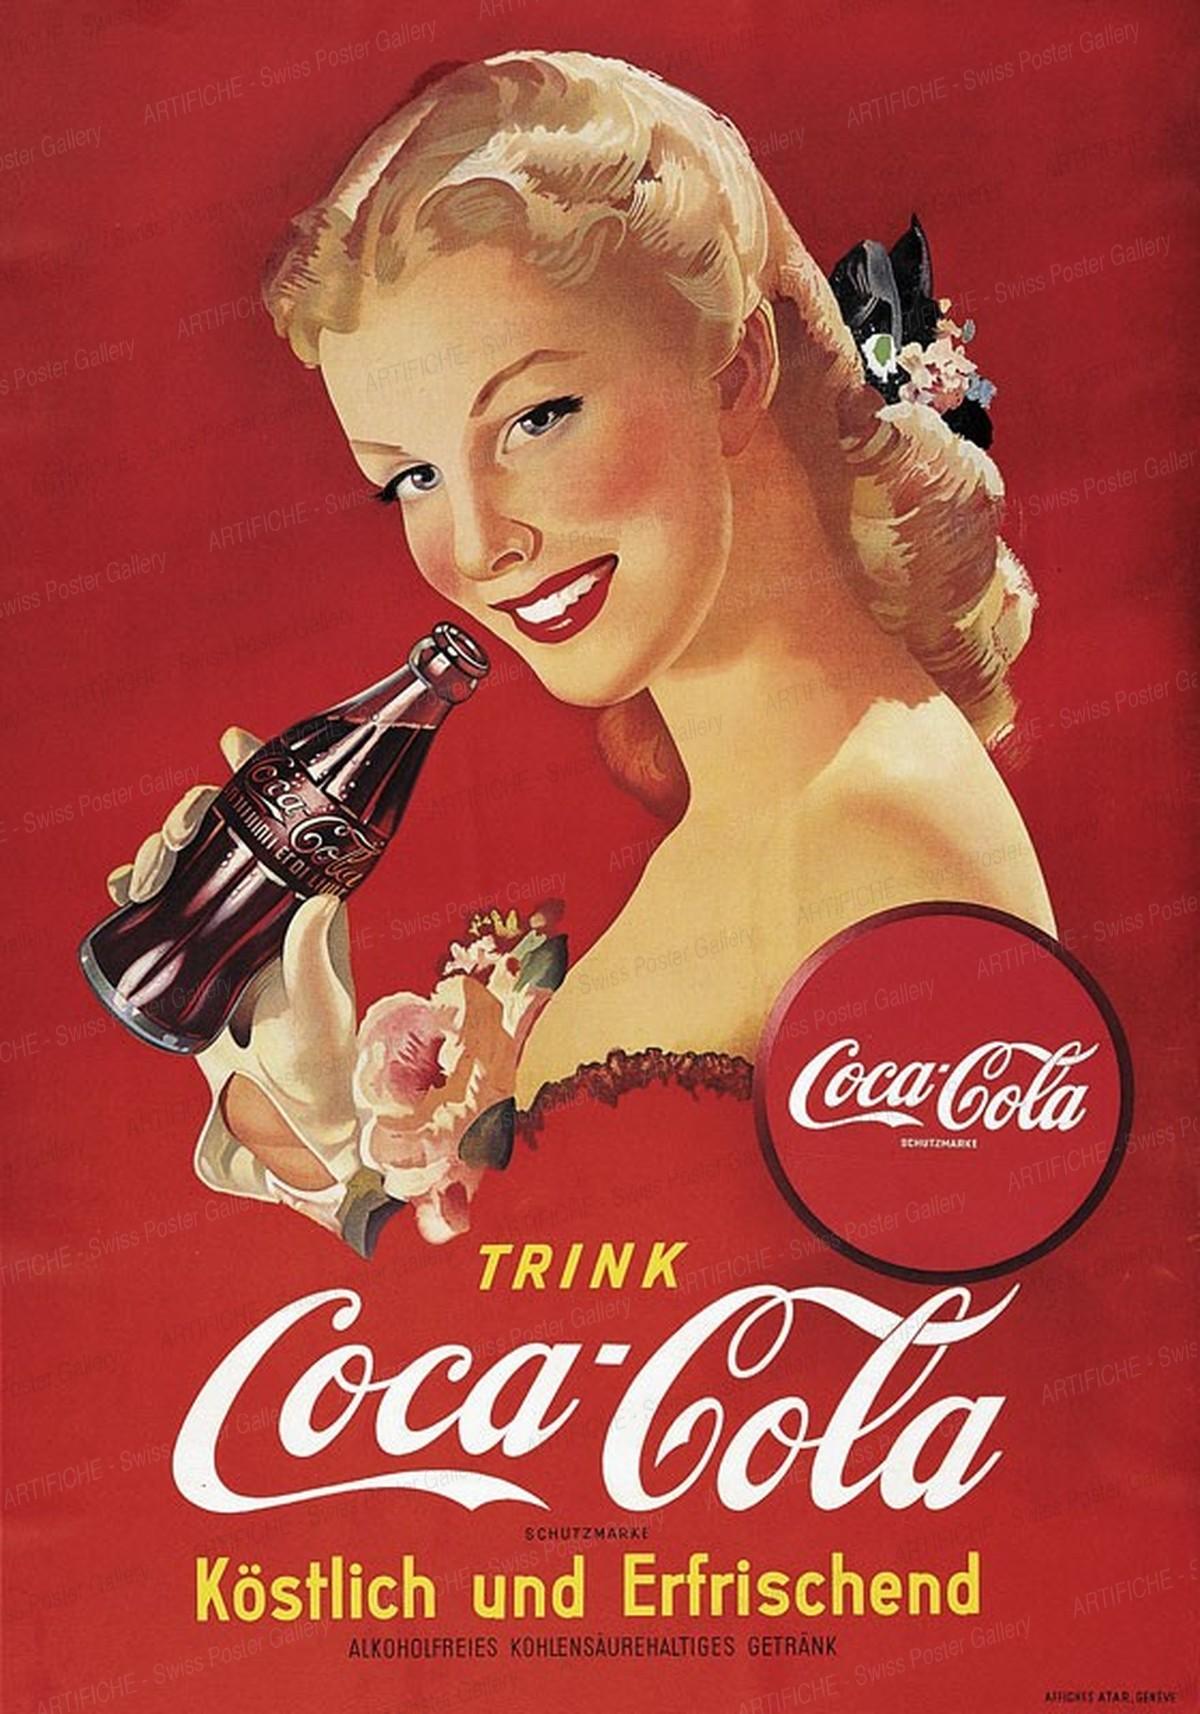 Trink Coca-Cola – Köstlich und erfrischend, Marcus Campbell